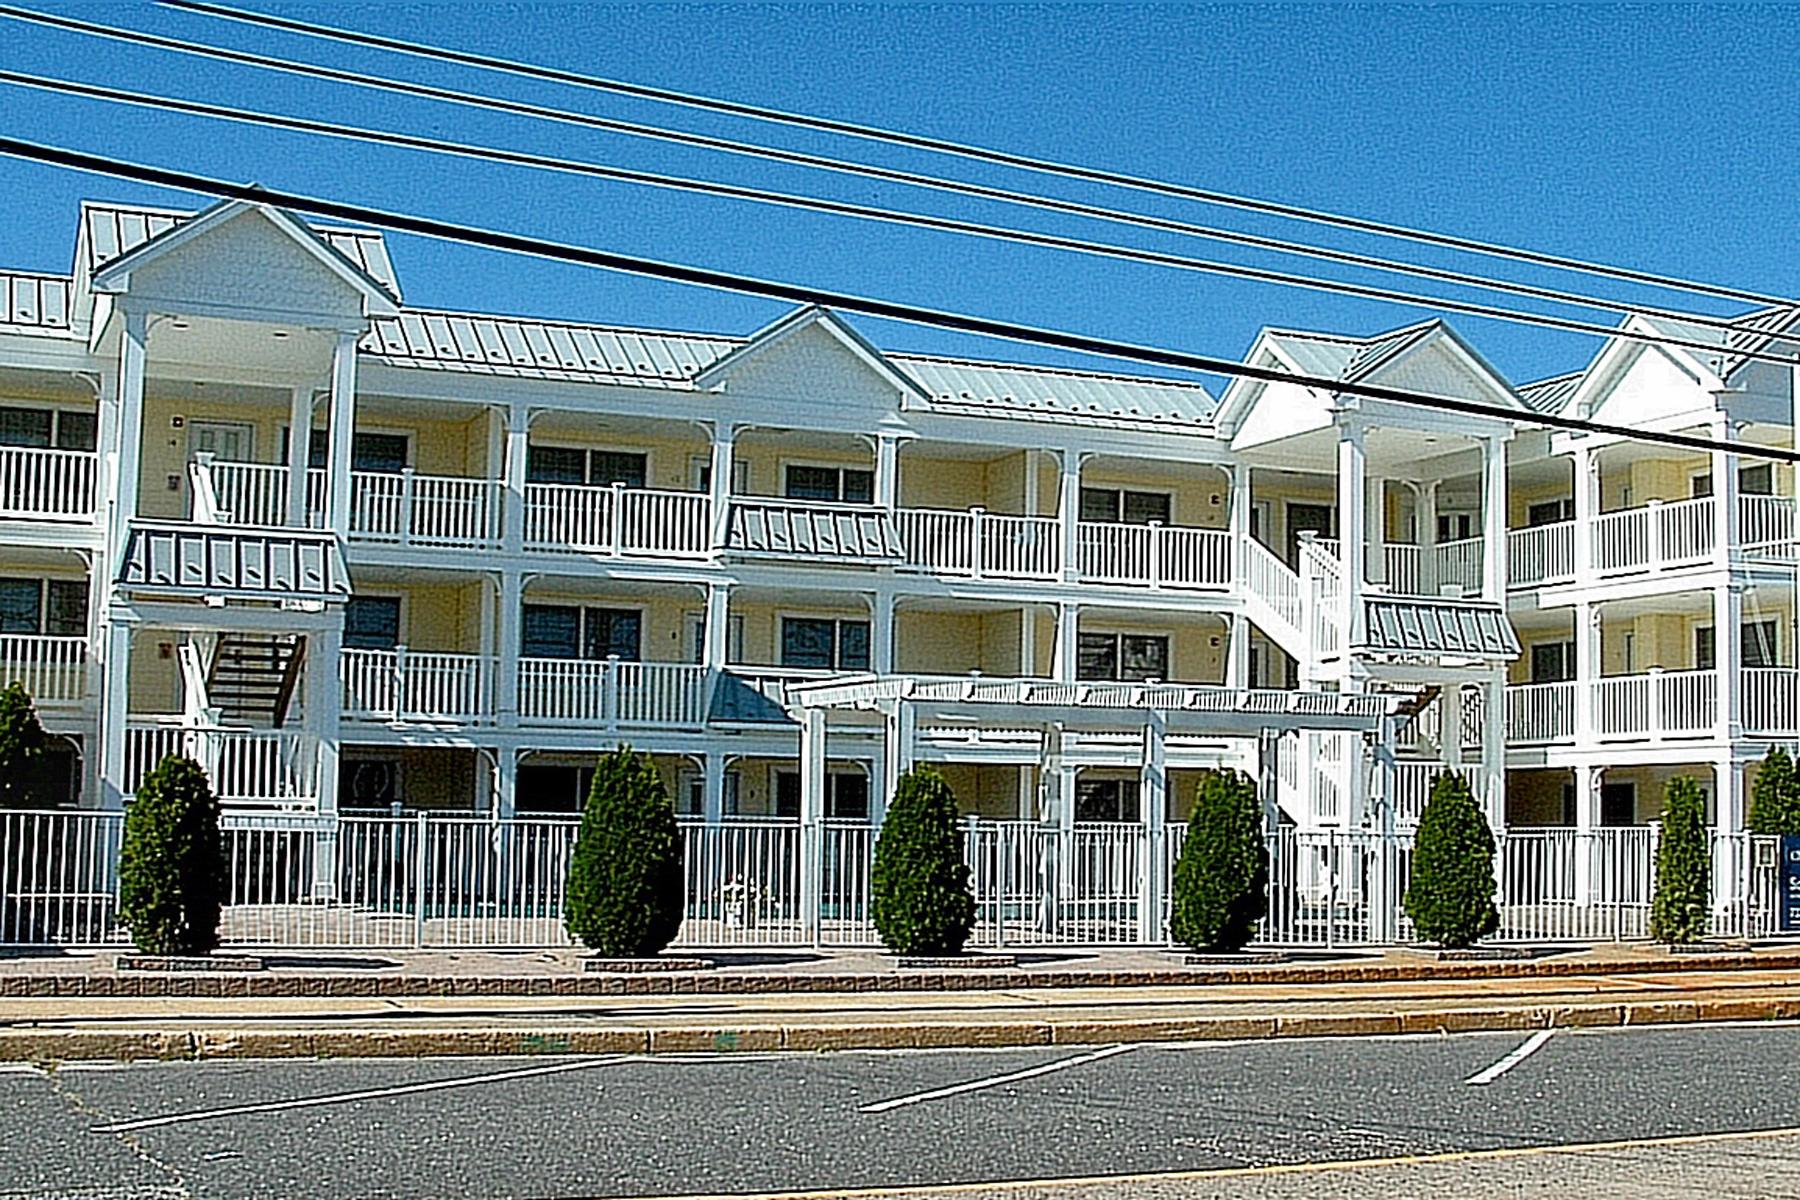 Condominium for Sale at Beautiful Summerhaven Condo 2400 Grand Central Avenue,Unit #11 Lavallette, New Jersey 08735 United States